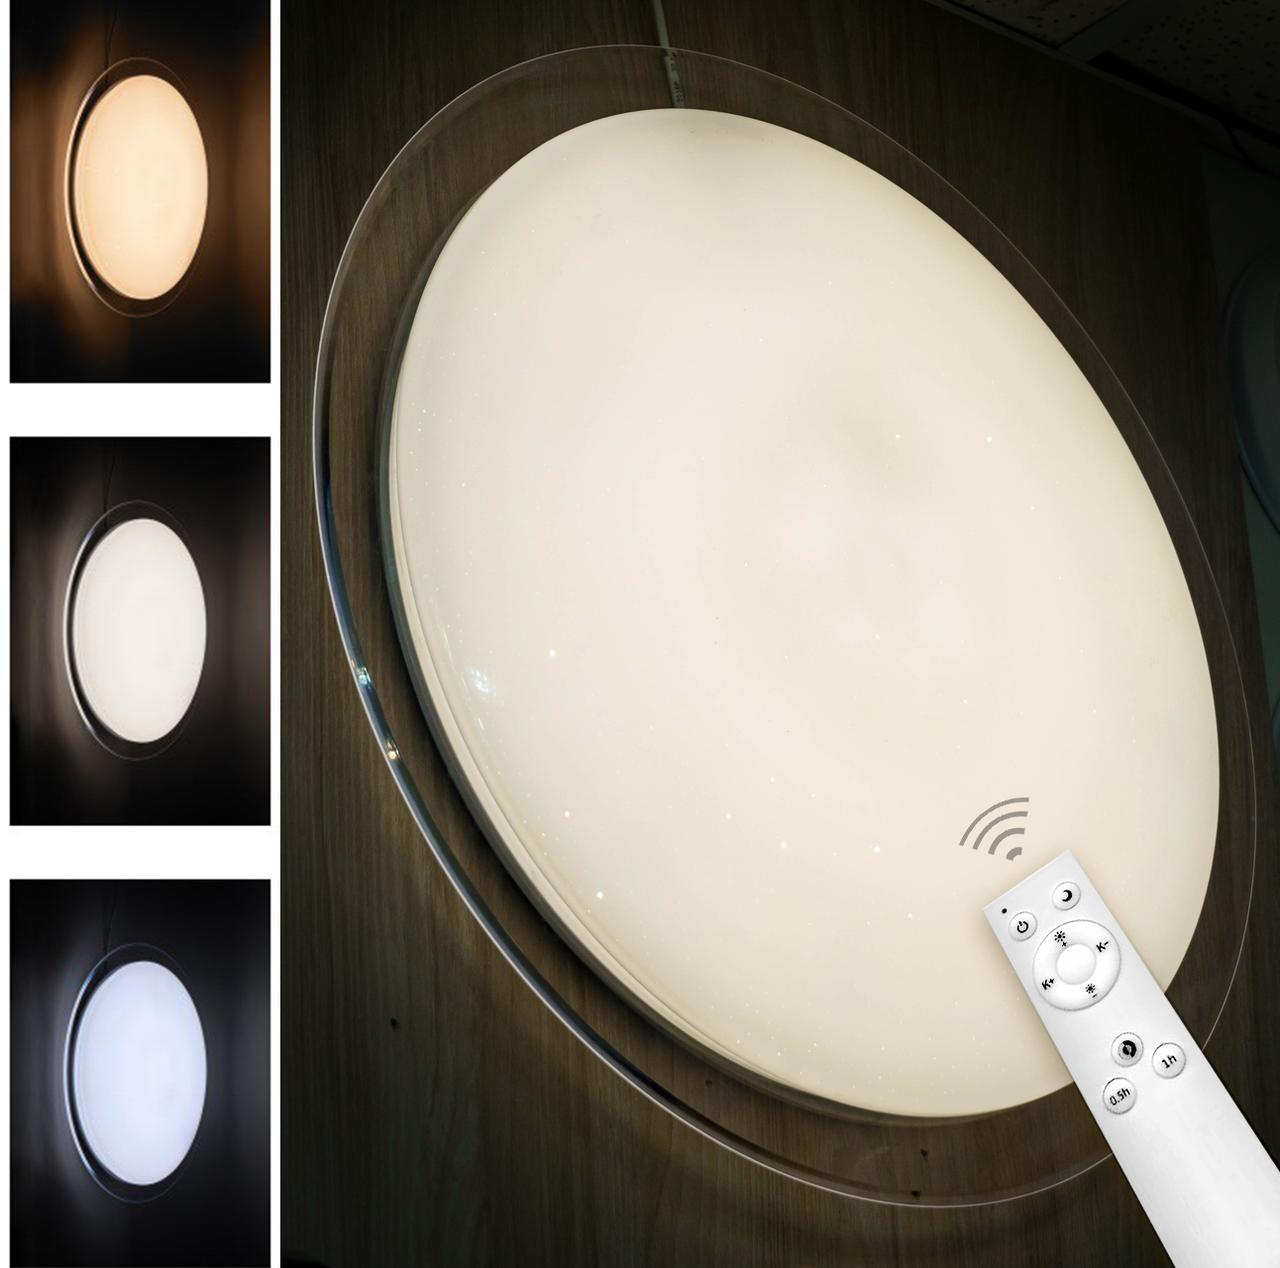 Светодиодный управляемый светильник AL5000 тарелка 100W теплый свет (3000К)-холодный свет (6500К) белый с кантом